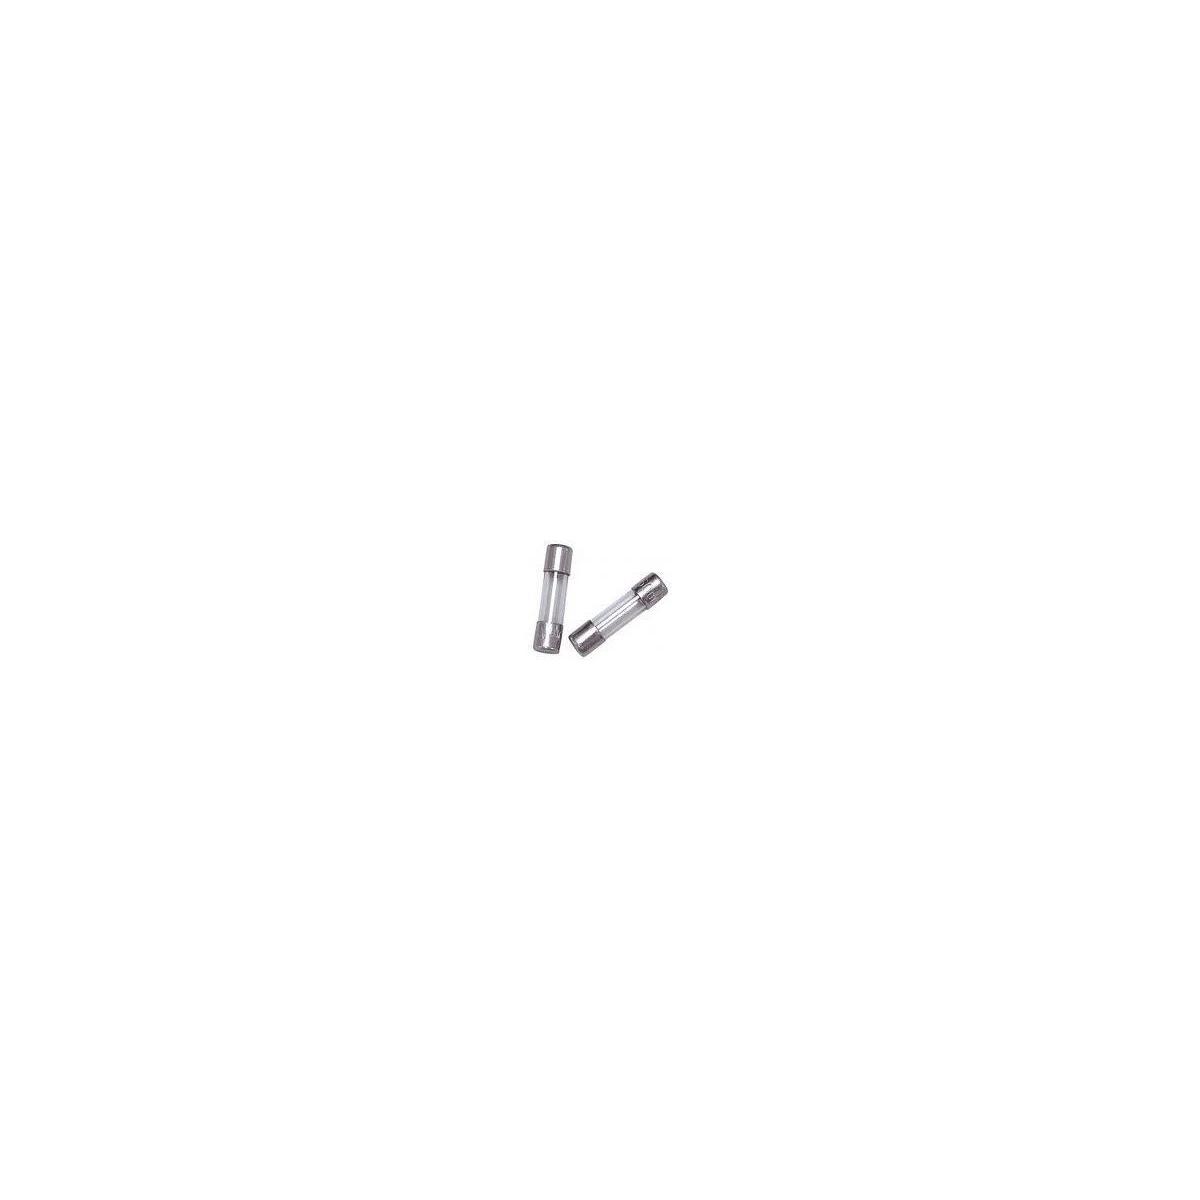 FUSIVEL - F RAPIDO 5X20MM (PACOTE COM 10 UNIDADES )-15A